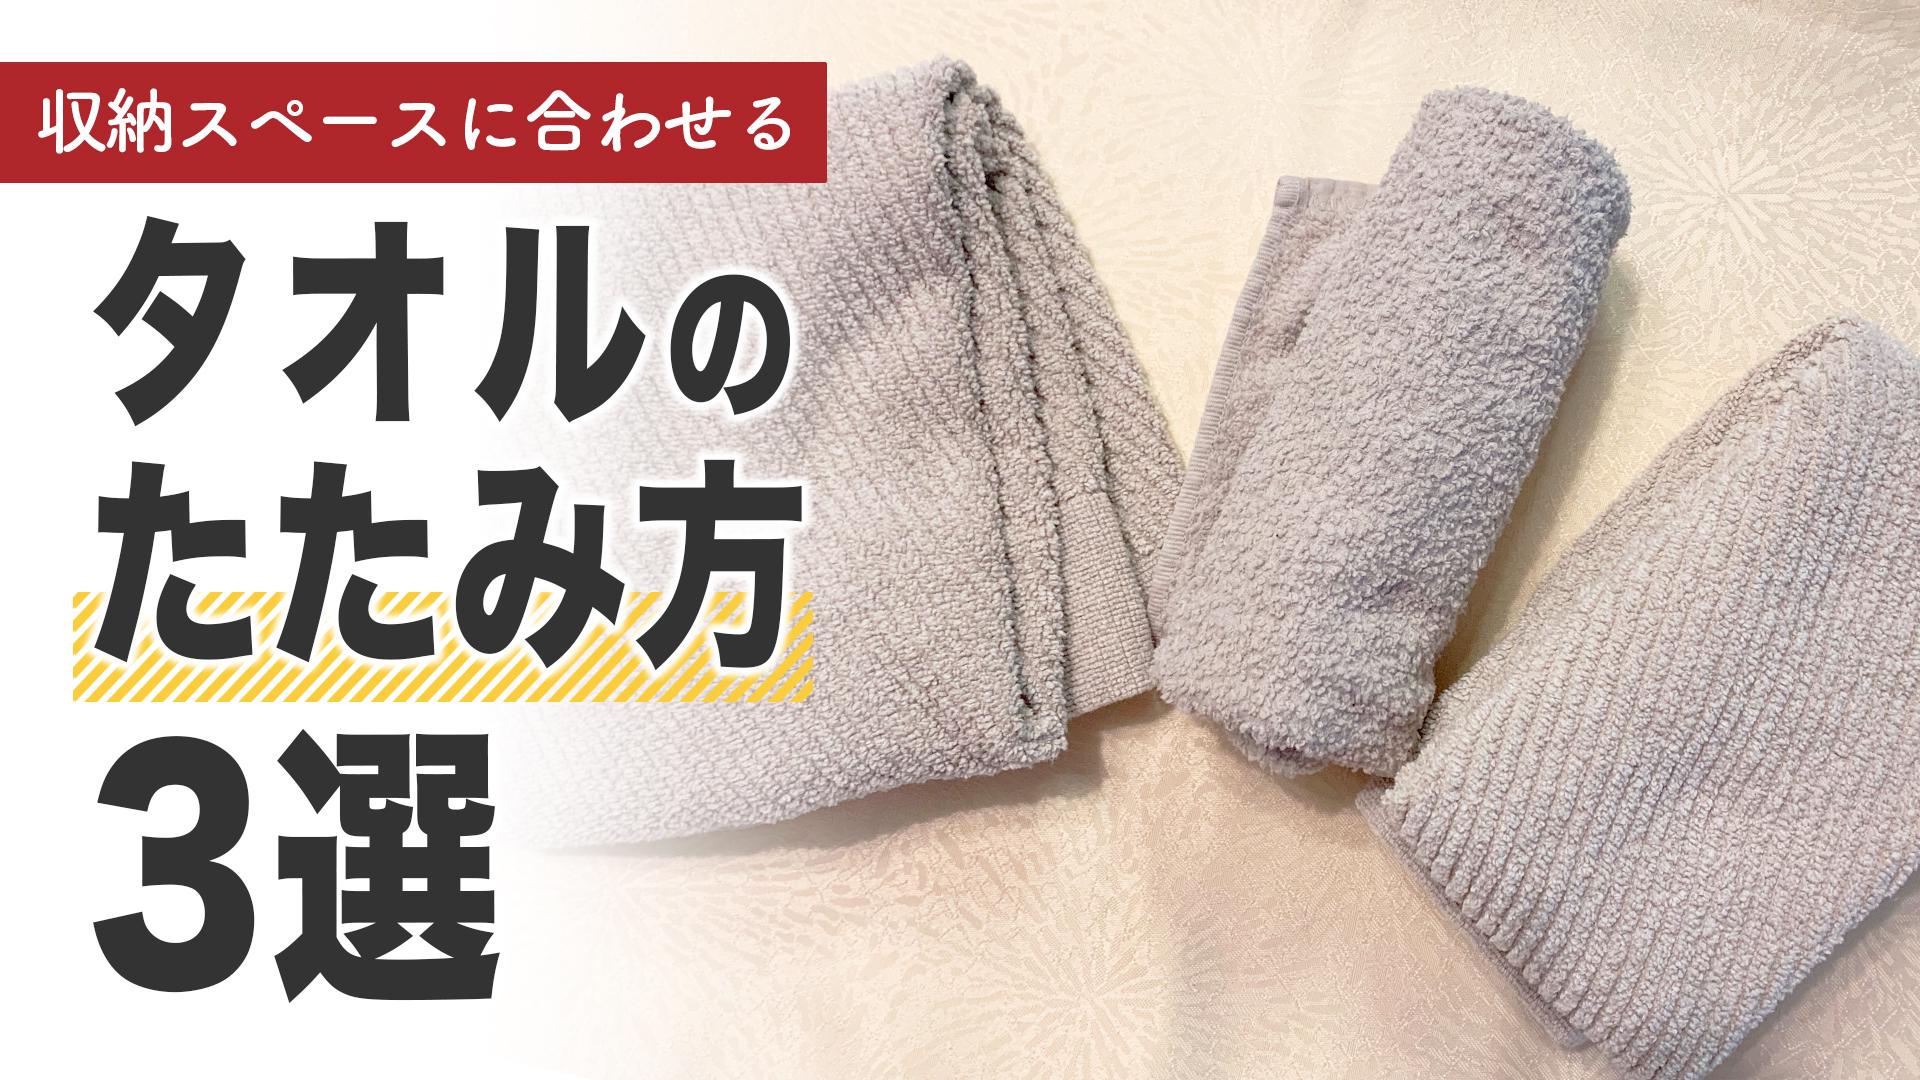 タオルのたたみ方3選